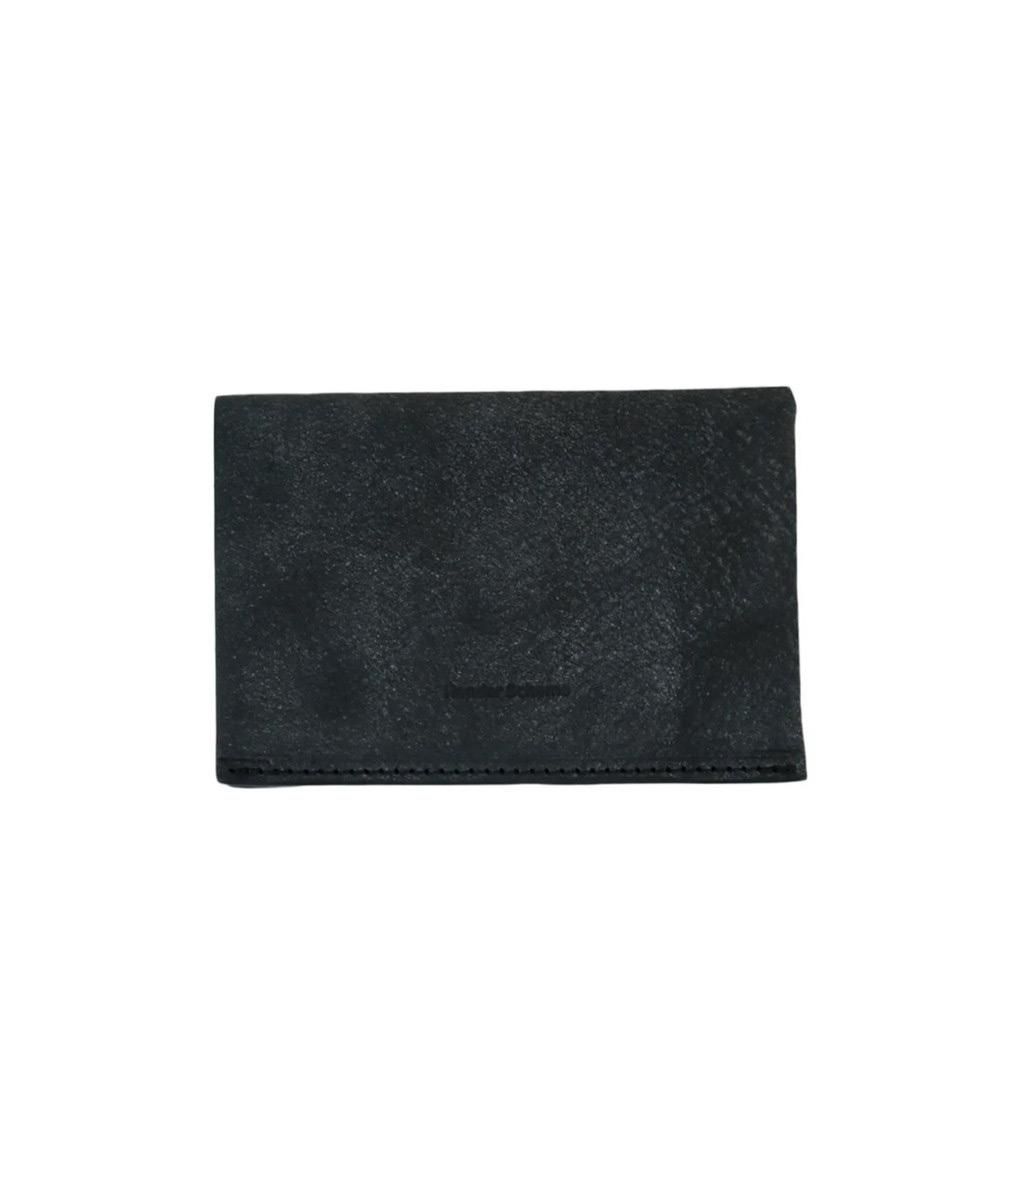 【送料無料!】Hender Scheme / エンダースキーマ : compact card case / 全2色 : エンダースキーマ コンパクト カード ケース : li-rc-ccc-bjb【BJB】